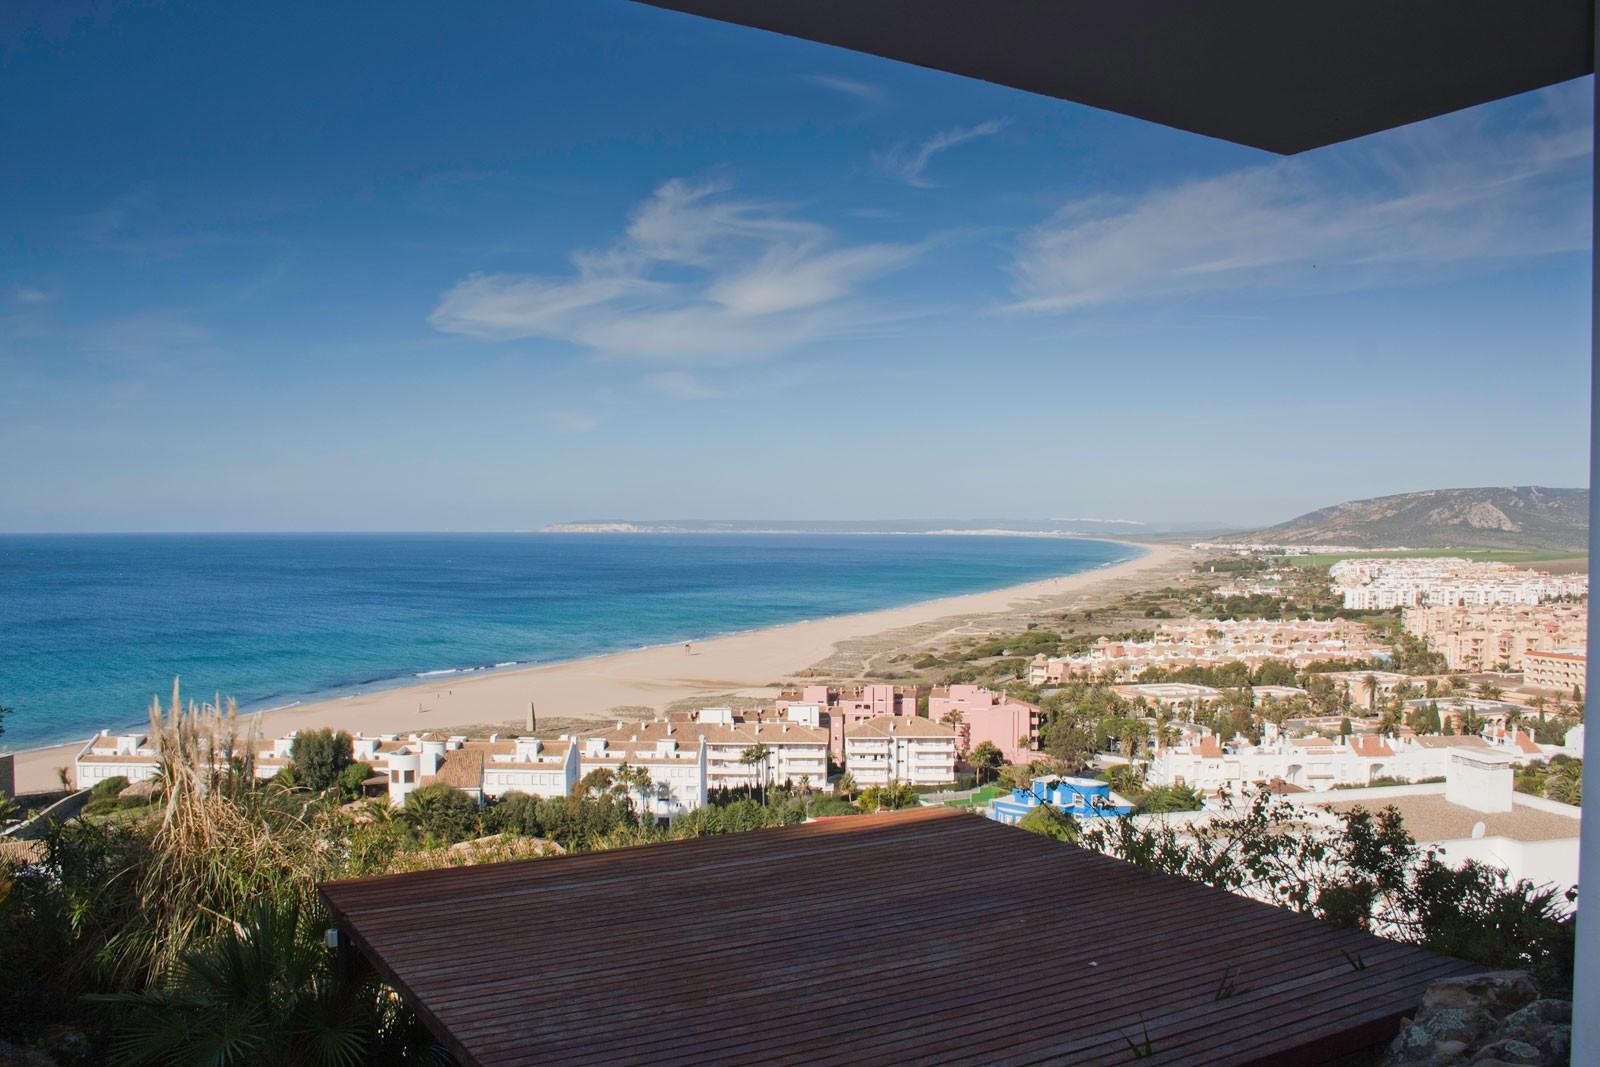 Cual es el mejor lugar para vivir en espa a forocoches - Mejor sitio para vivir en espana ...